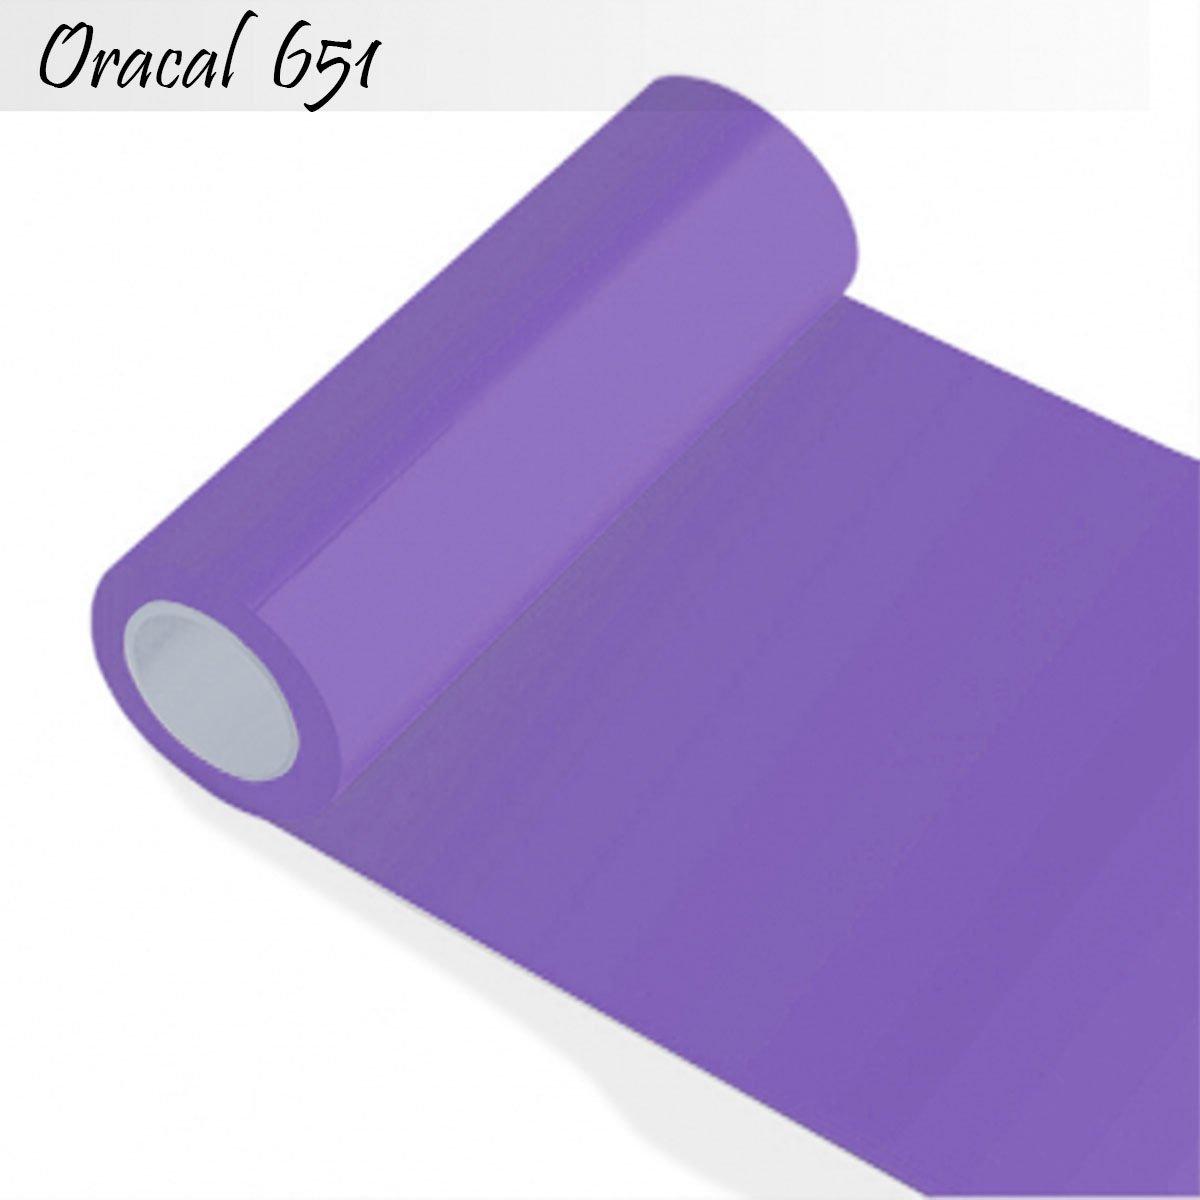 Oracal 651 - Orafol Folie 10m (Laufmeter) (Laufmeter) (Laufmeter) freie Farbwahl 55 glänzende Farben - glanz in 4 Größen, 63 cm Folienhöhe - Farbe 70 - schwarz B00TRTNGCE Wandtattoos & Wandbilder 4d7f29